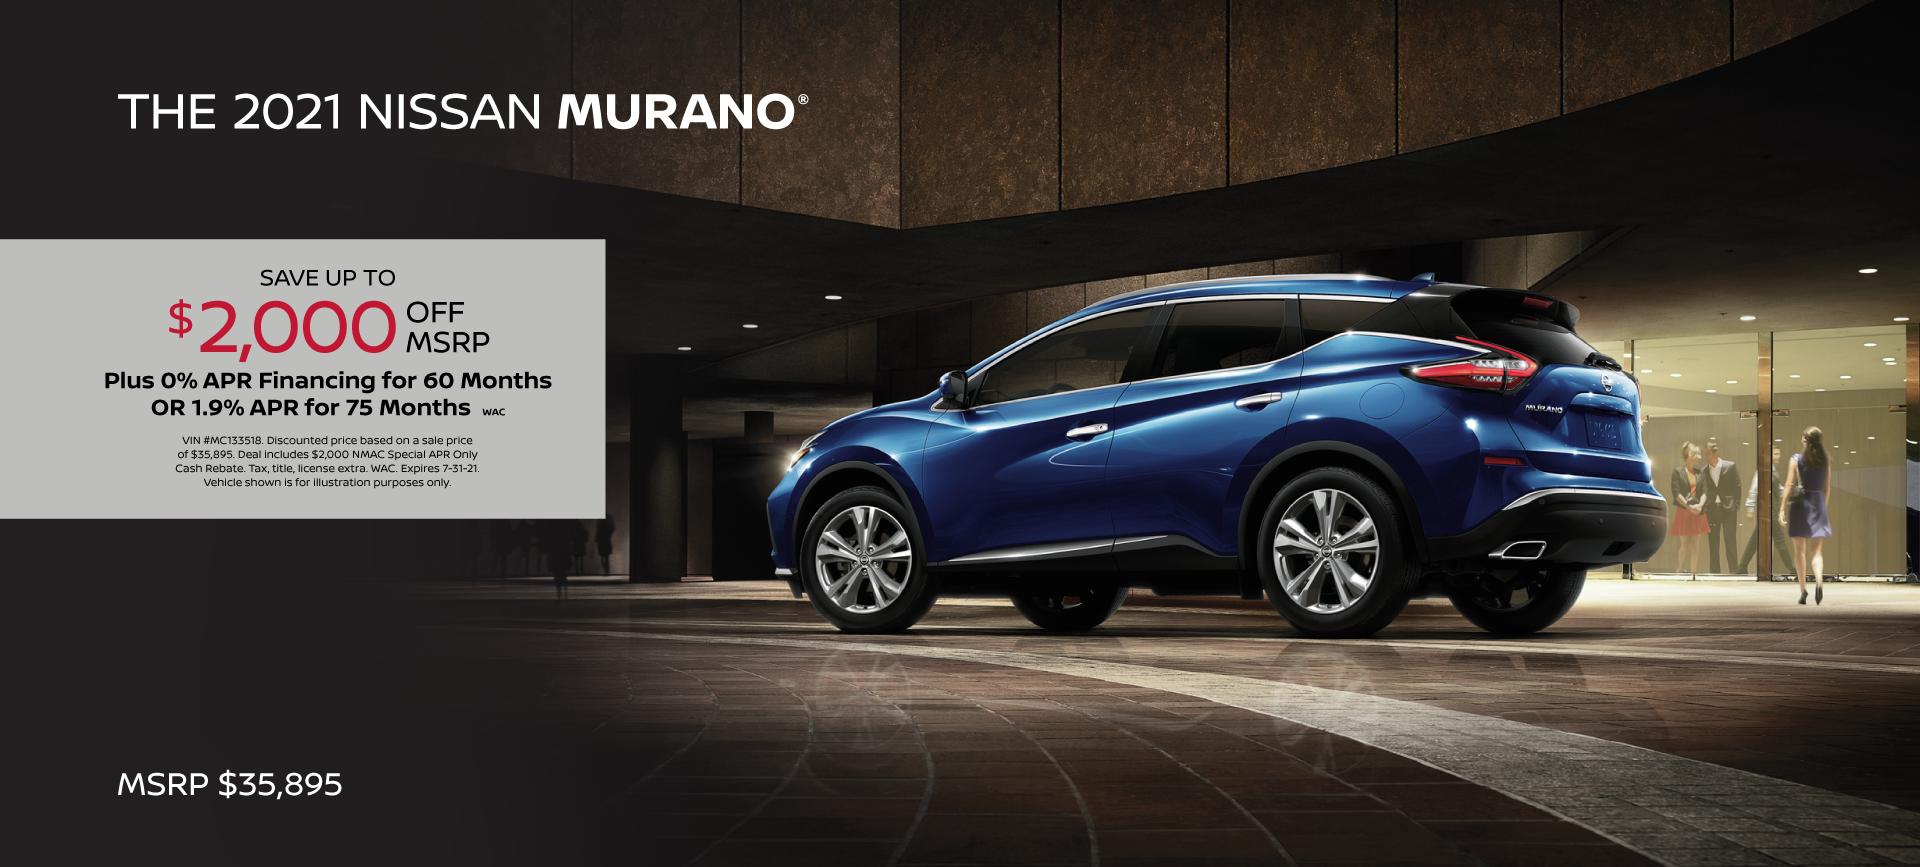 NissanBelle-OEM-0721_Murano